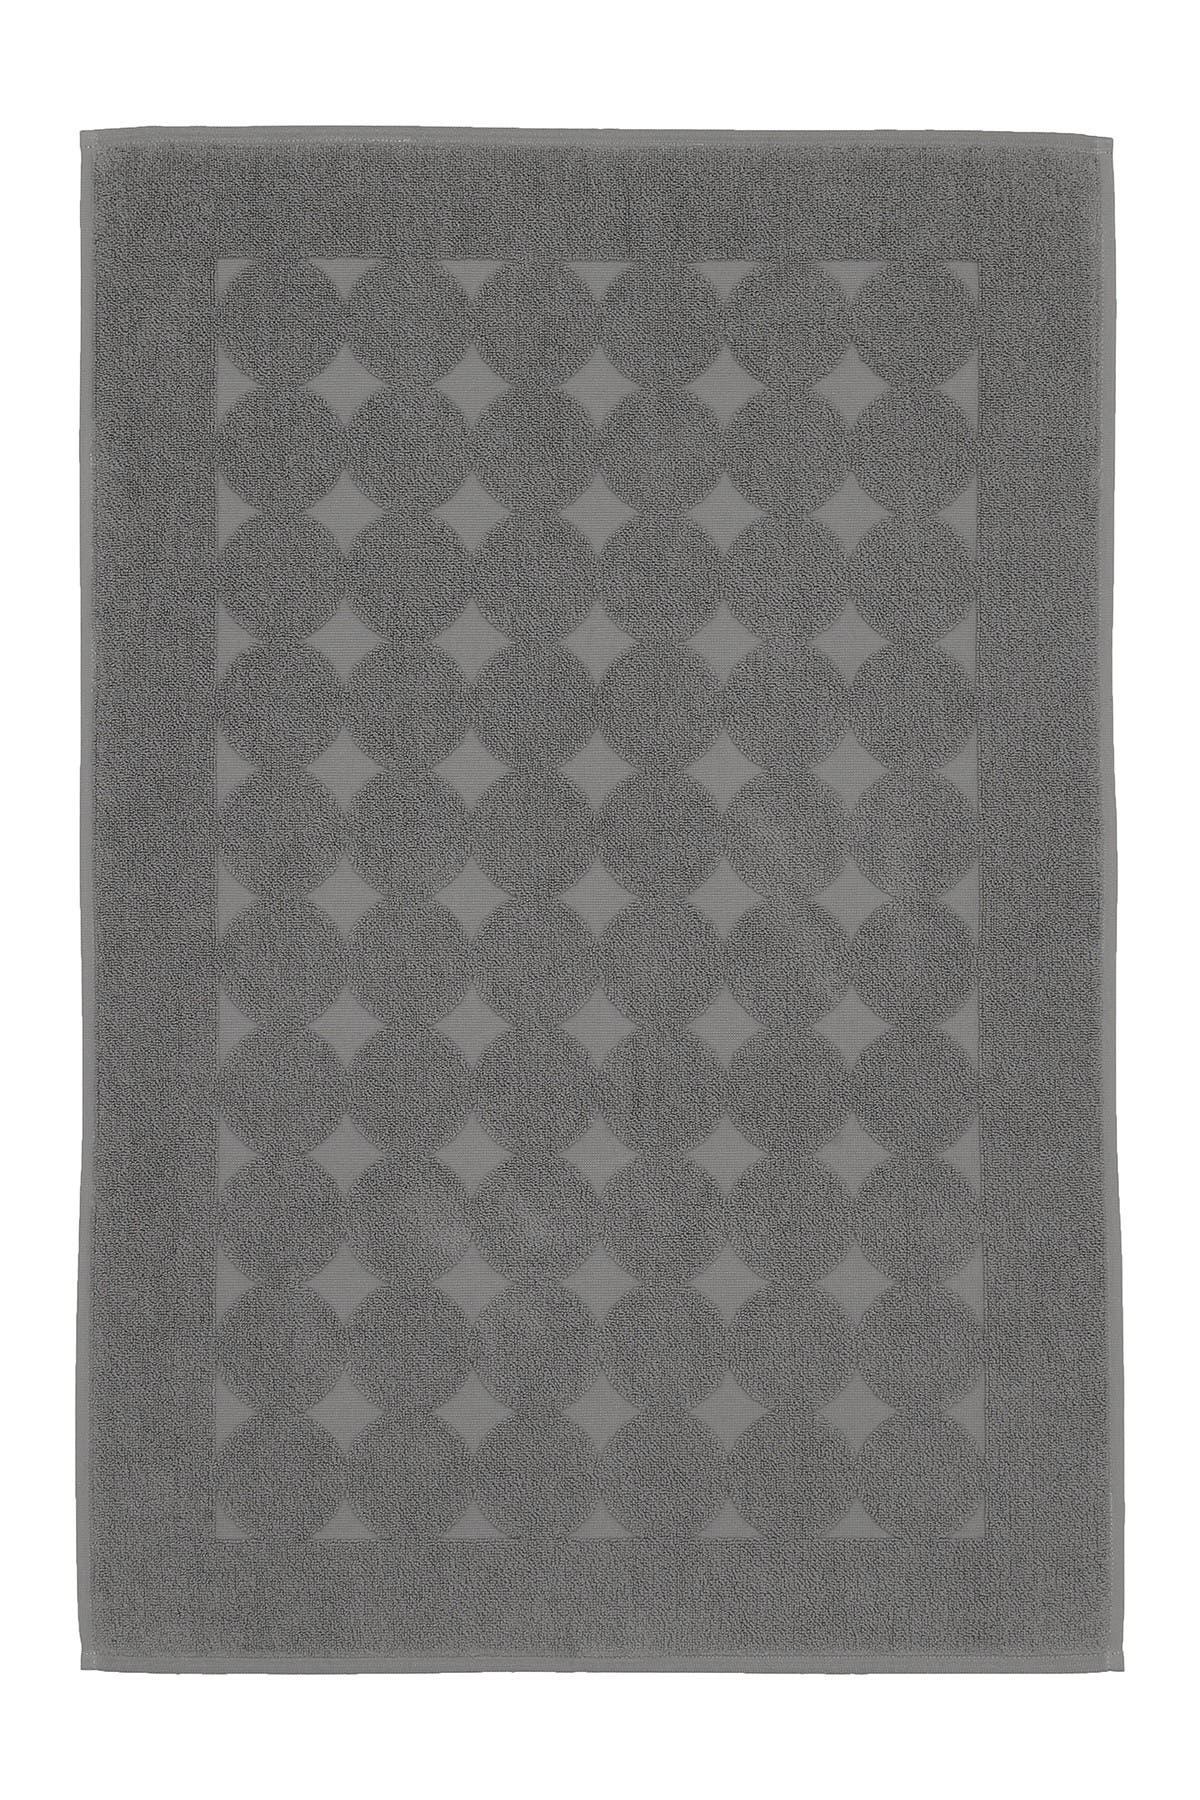 Image of LINUM HOME Sinemis Circle Design Bath Mat - Dark Grey